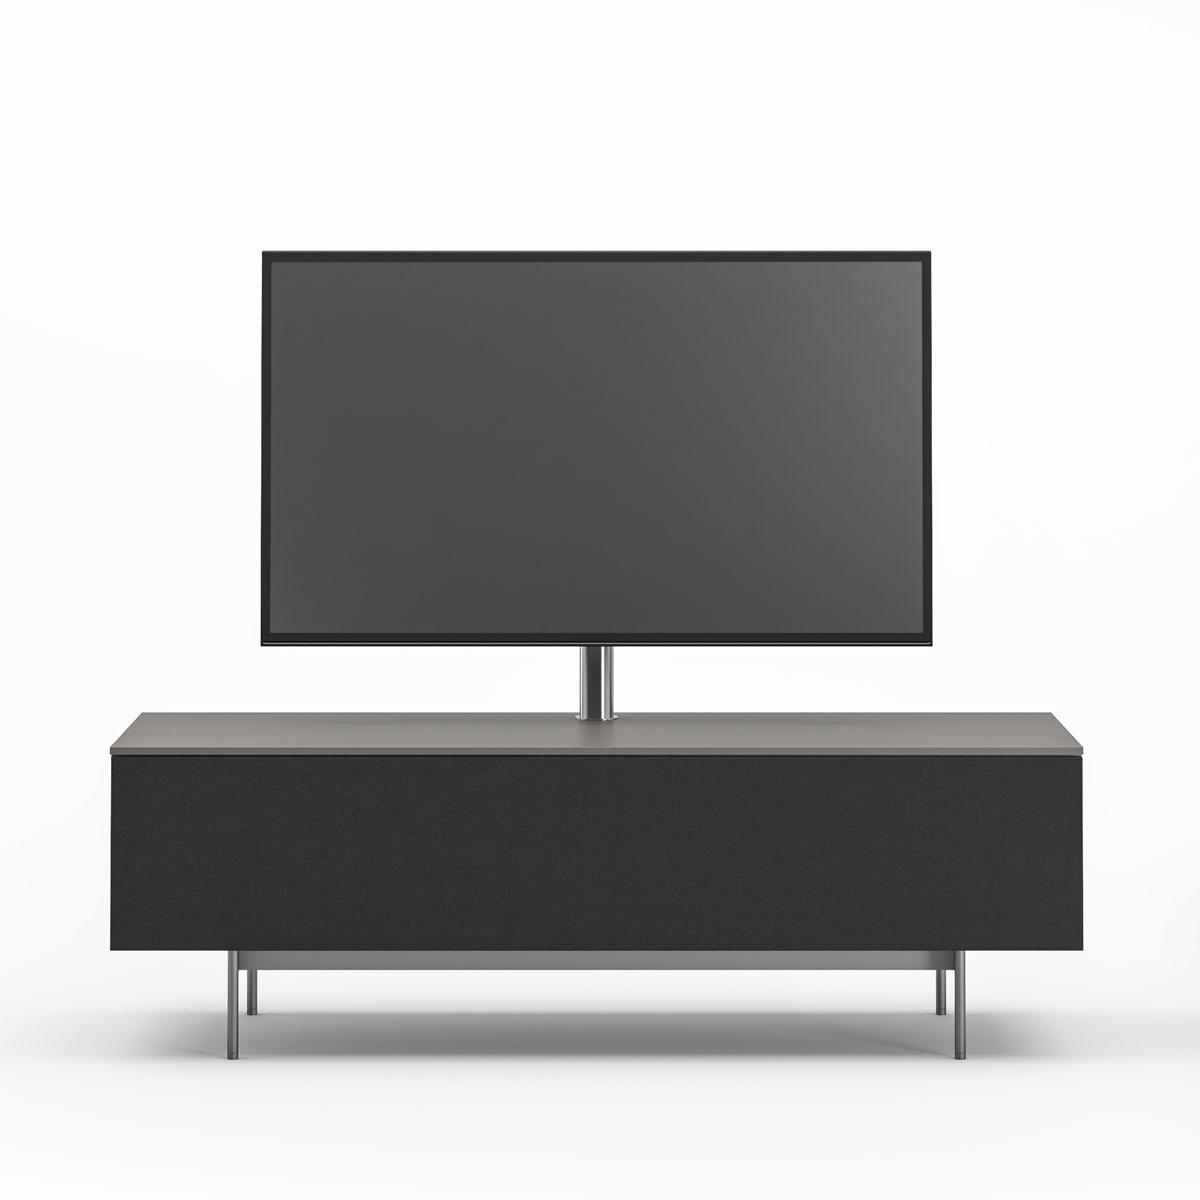 Geschlossenes Hifi TV Möbel. Mit modularer Funktion. Stellen Sie ihr Fernsehmöbel nach ihren Vorstellungen zusammen. Modell Next von Spectral.